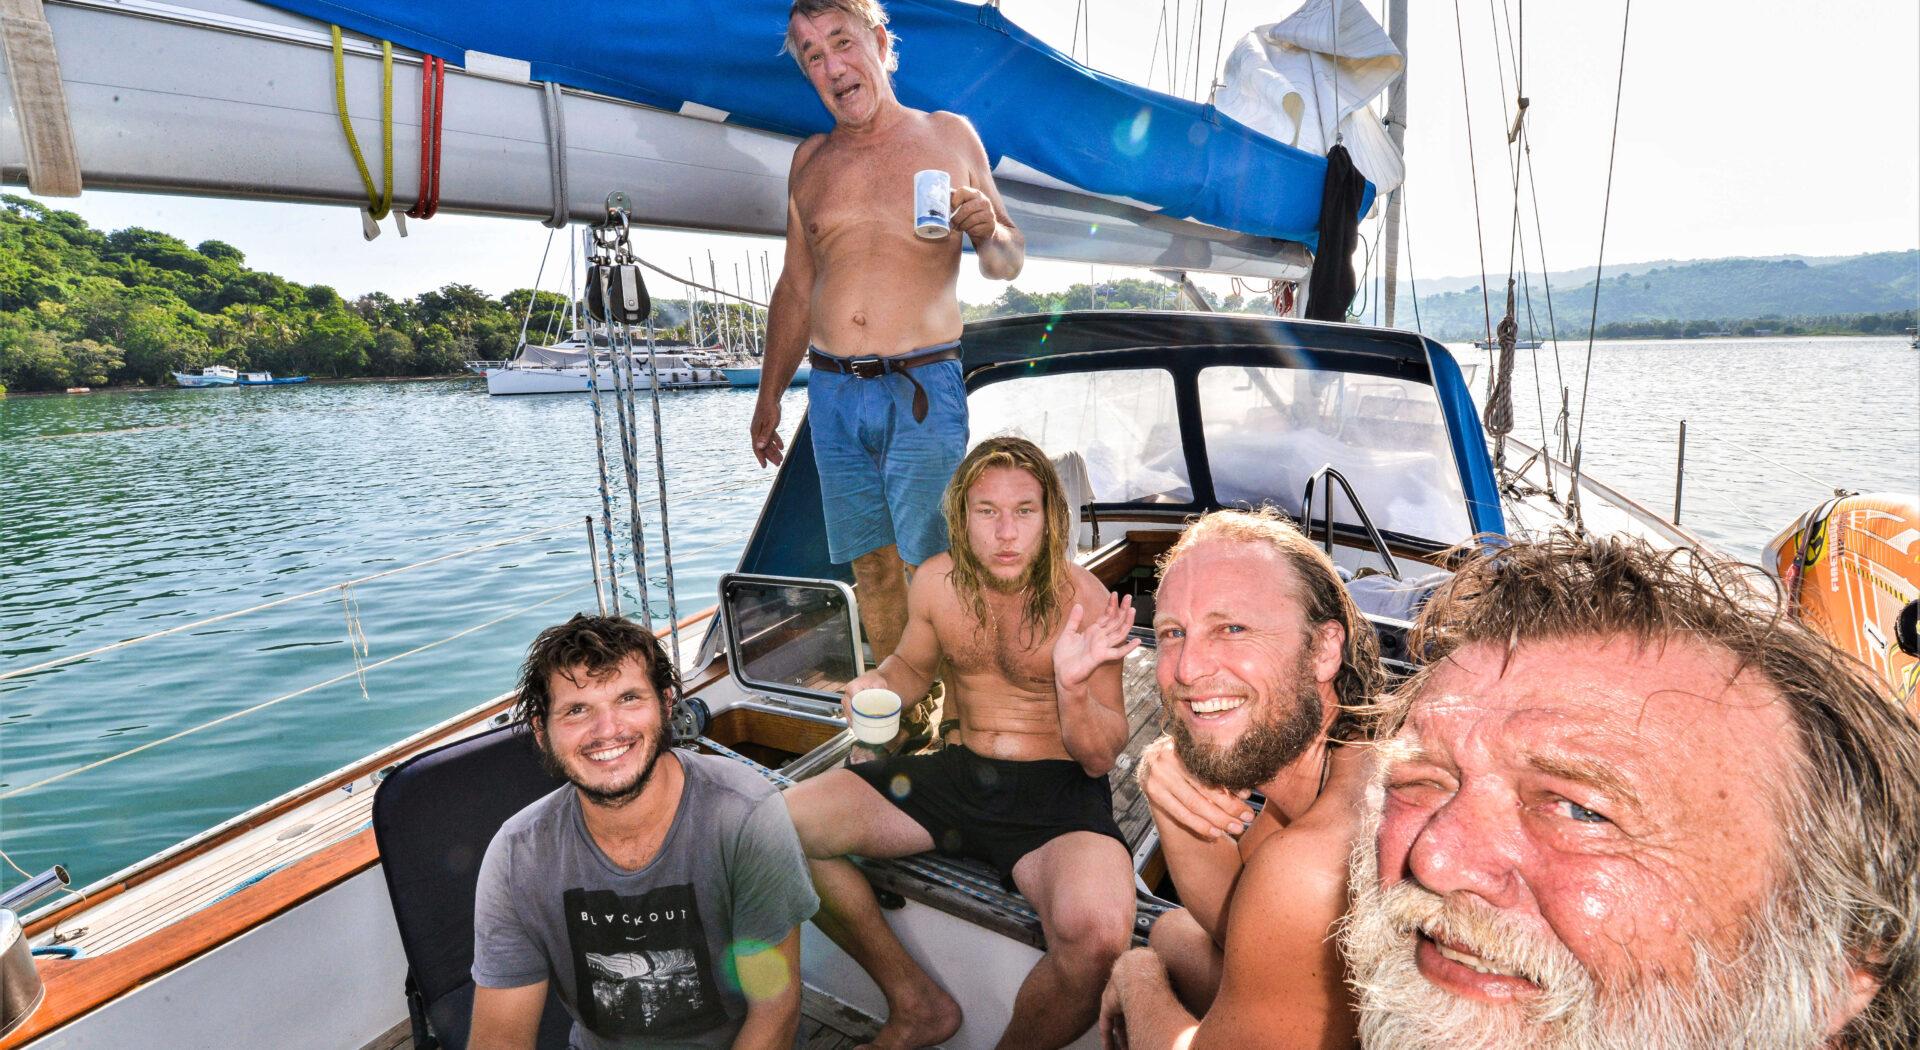 Mens verden ble satt på pause dukket et friskt pust fra Norge opp. F.v. Dag Juell, Adam Solheim, Kenneth Thomassen og Adam Solheim.